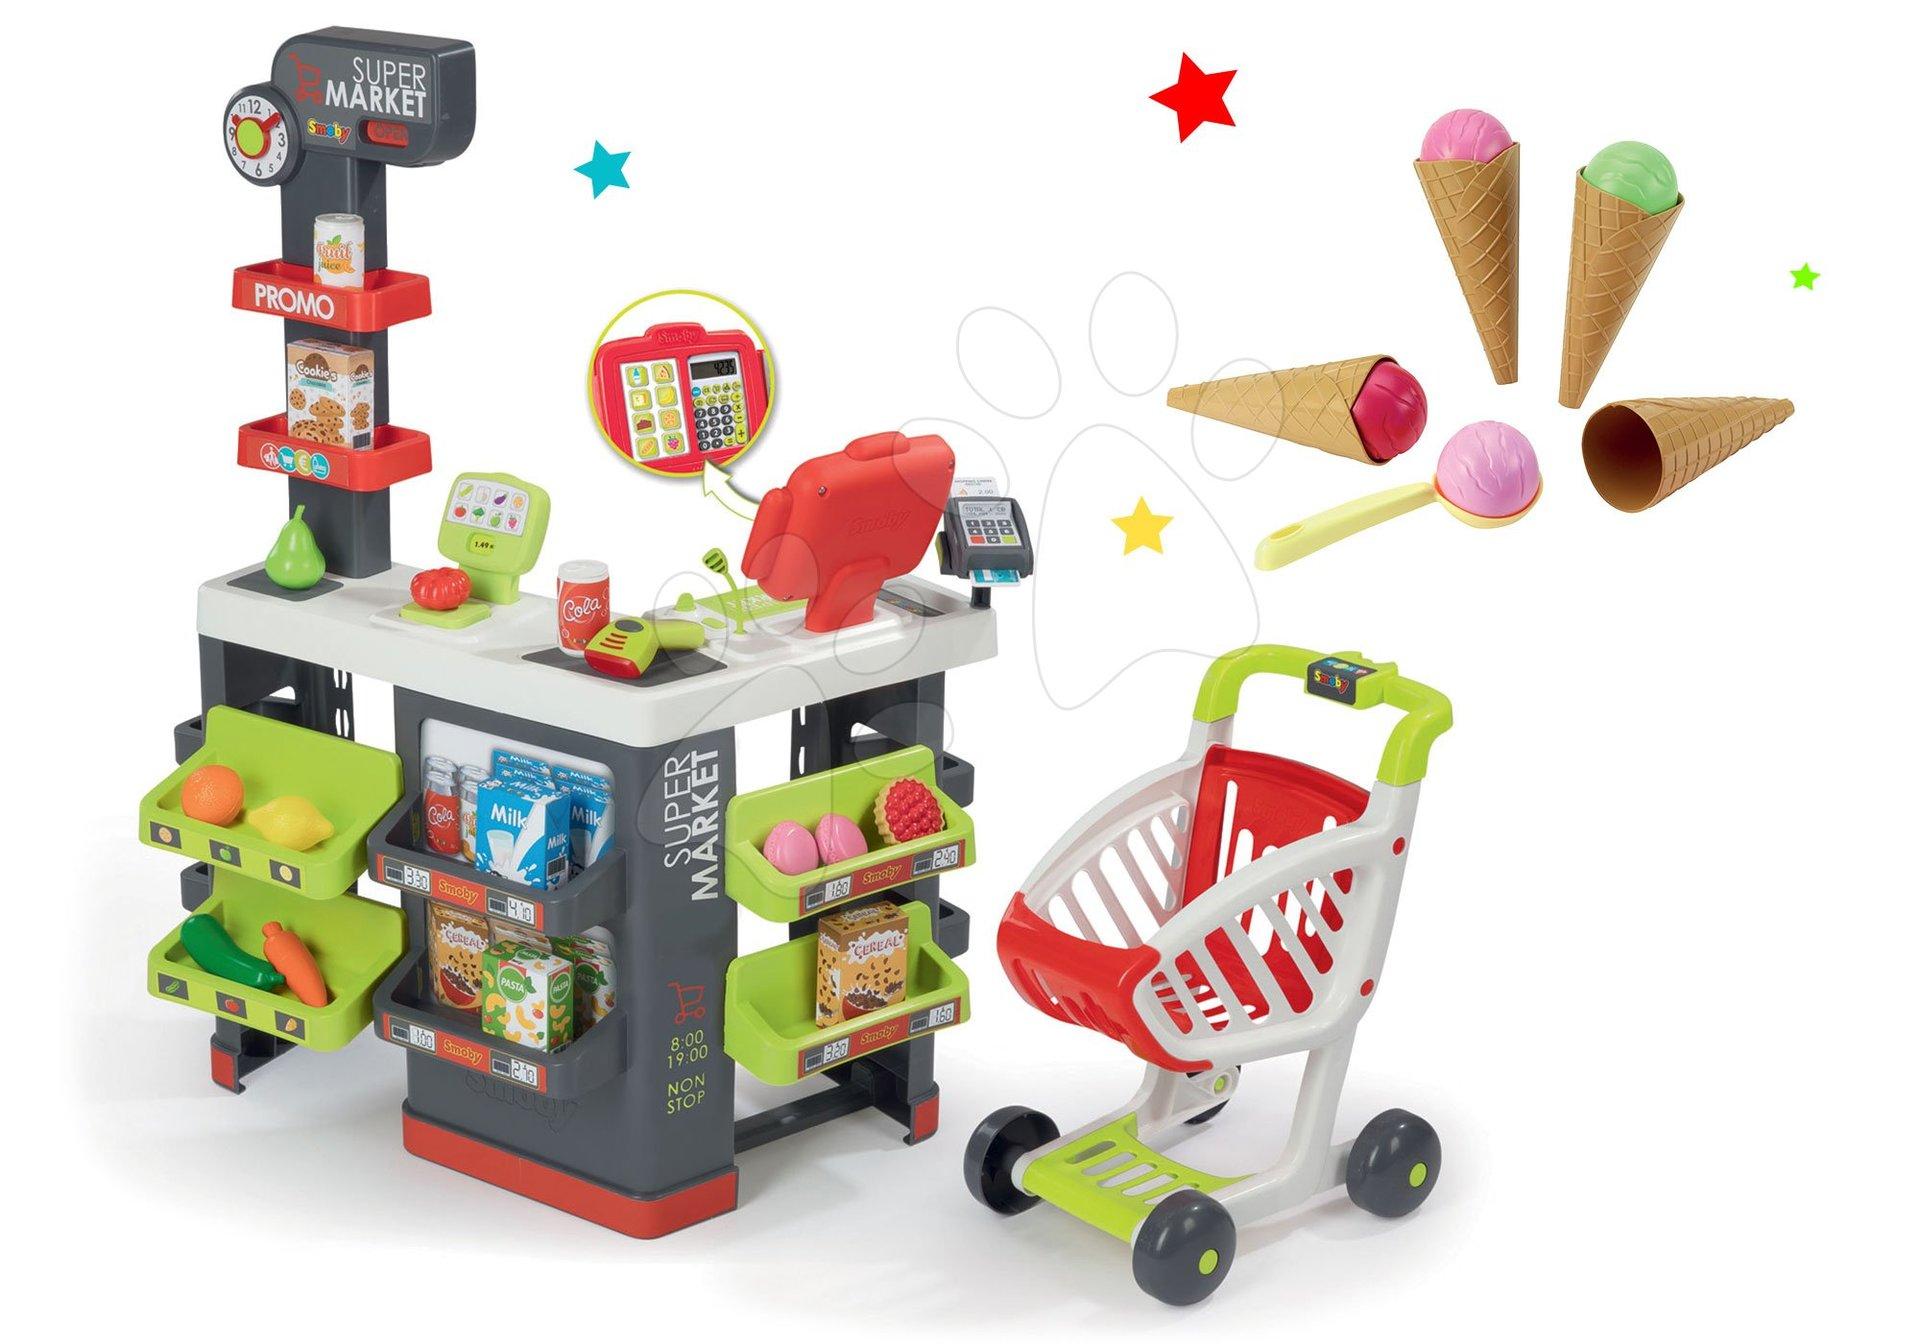 Trgovine kompleti - Komplet trgovina z vozičkom Supermarket Smoby in sladoled s kornetom